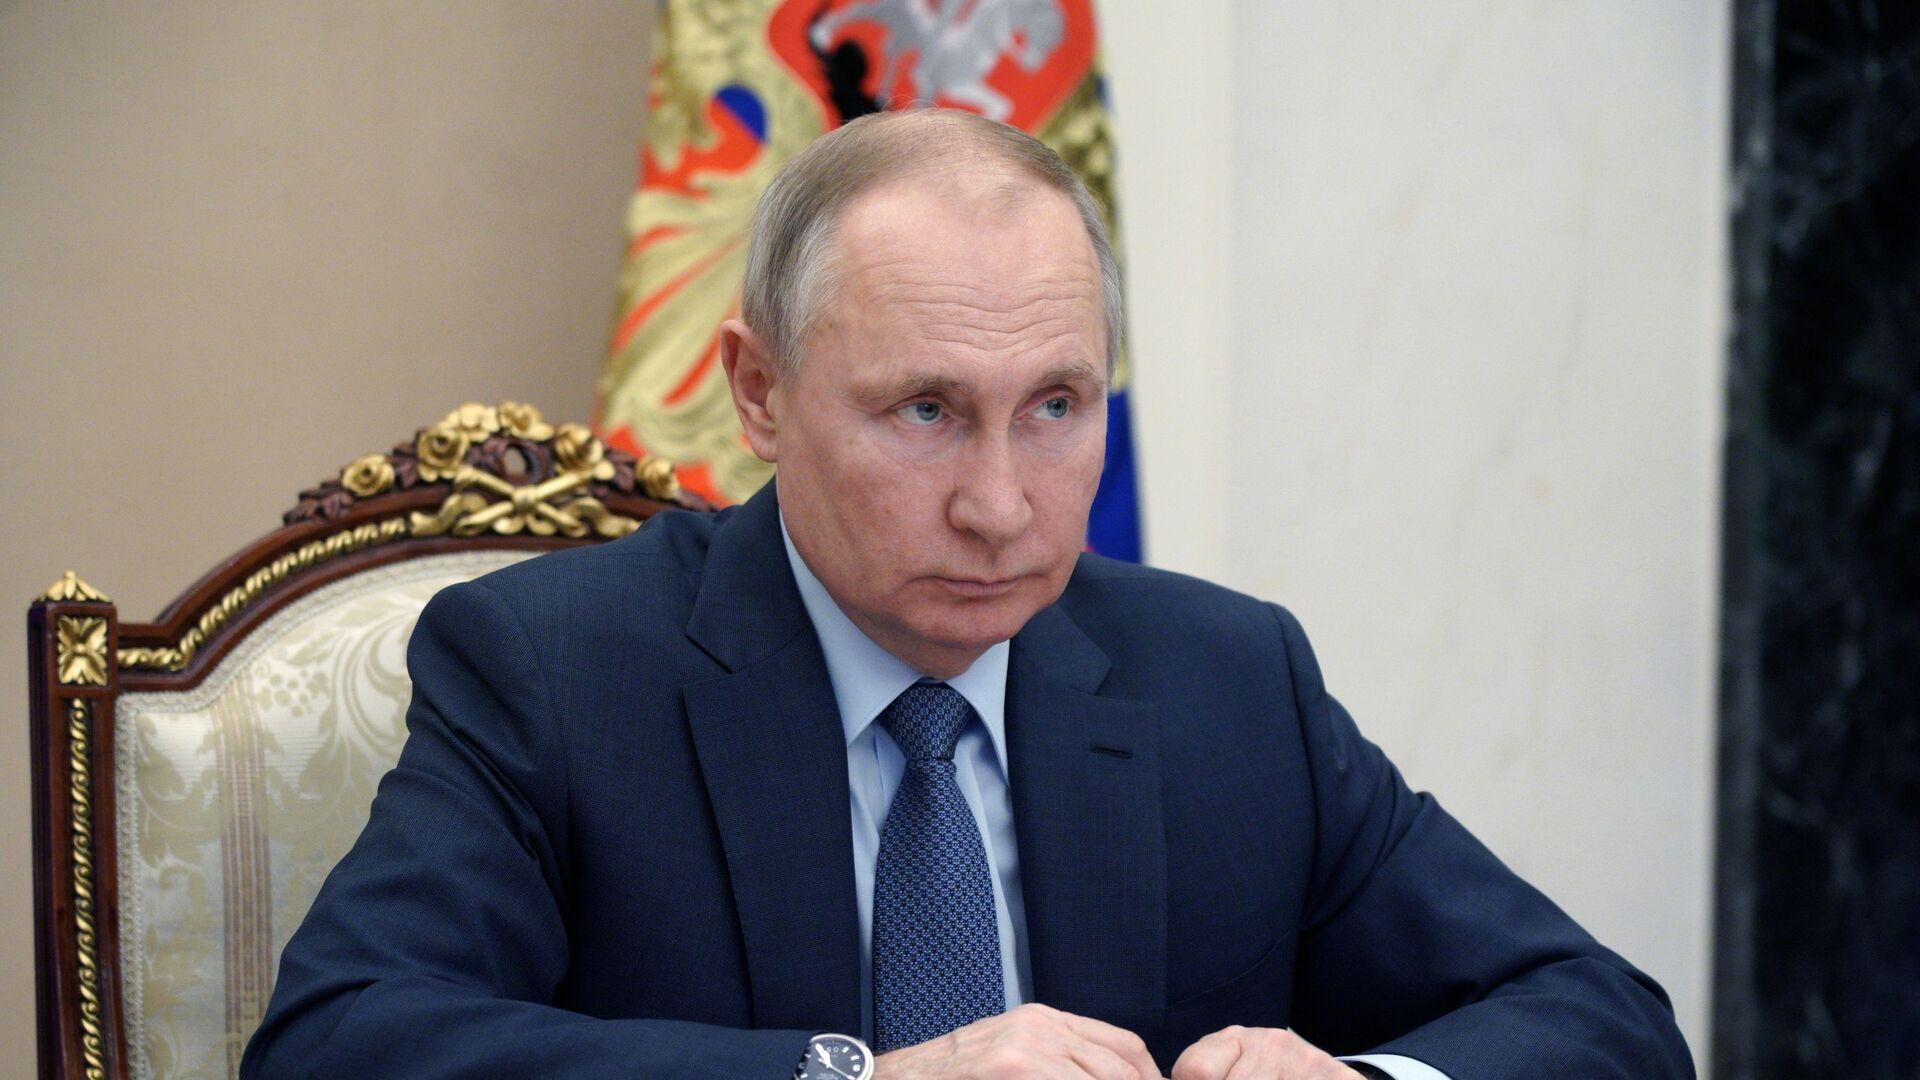 Ruský prezident Vladimir Putin - Sputnik Česká republika, 1920, 12.04.2021